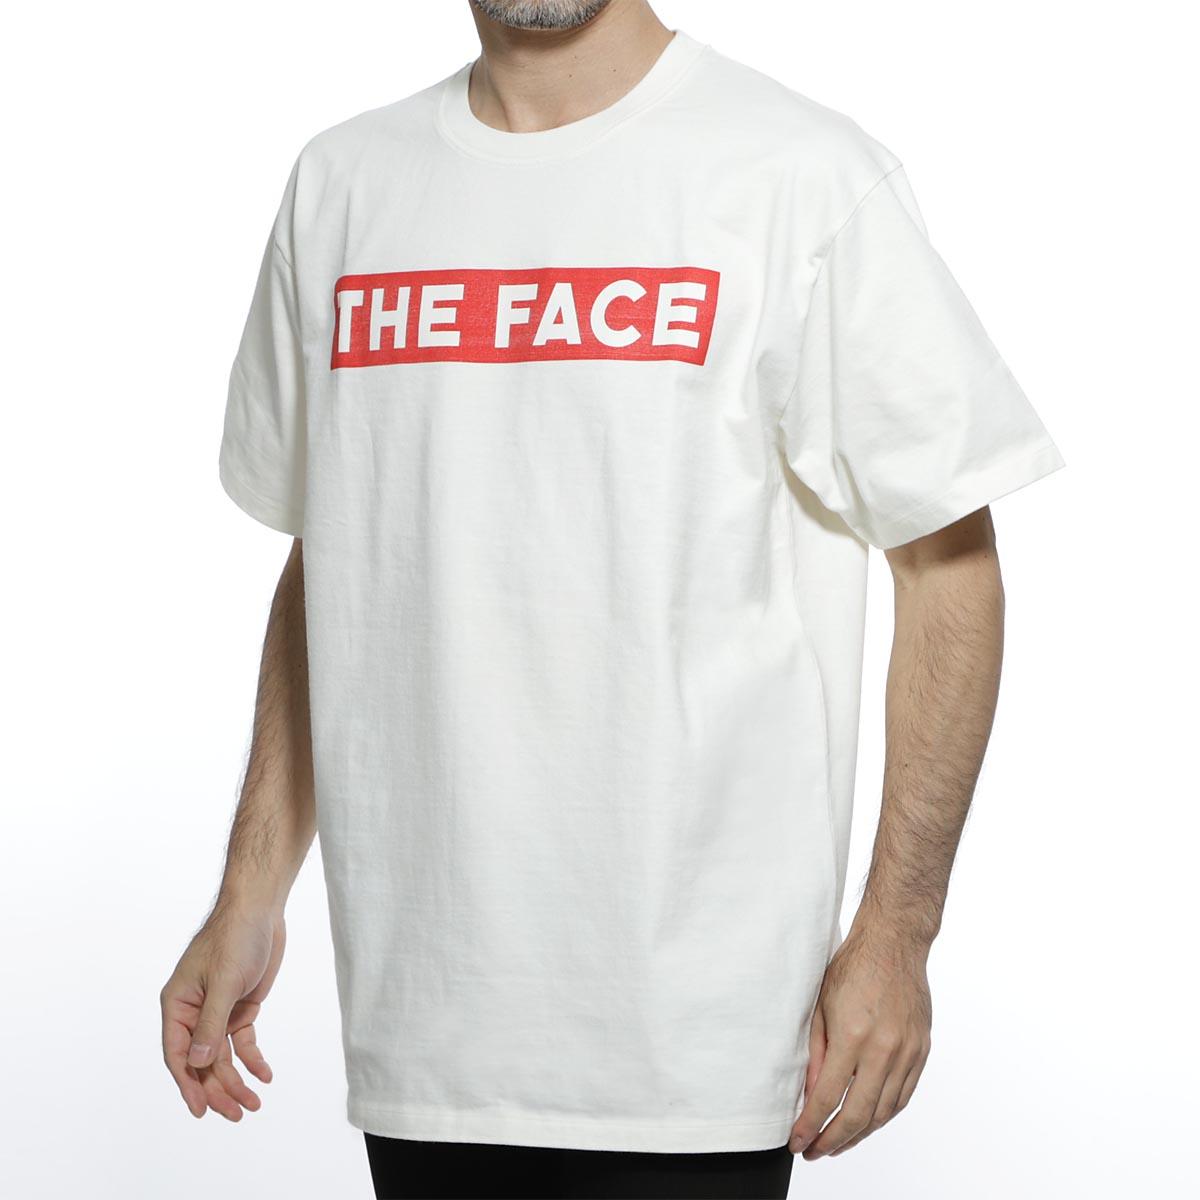 【アウトレット】グッチ GUCCI クルーネック Tシャツ ホワイト メンズ カジュアル トップス インナー 565806 xjbcs 9577 The Face OVERSIZE T-SHIRT【あす楽対応_関東】【返品送料無料】【ラッピング無料】